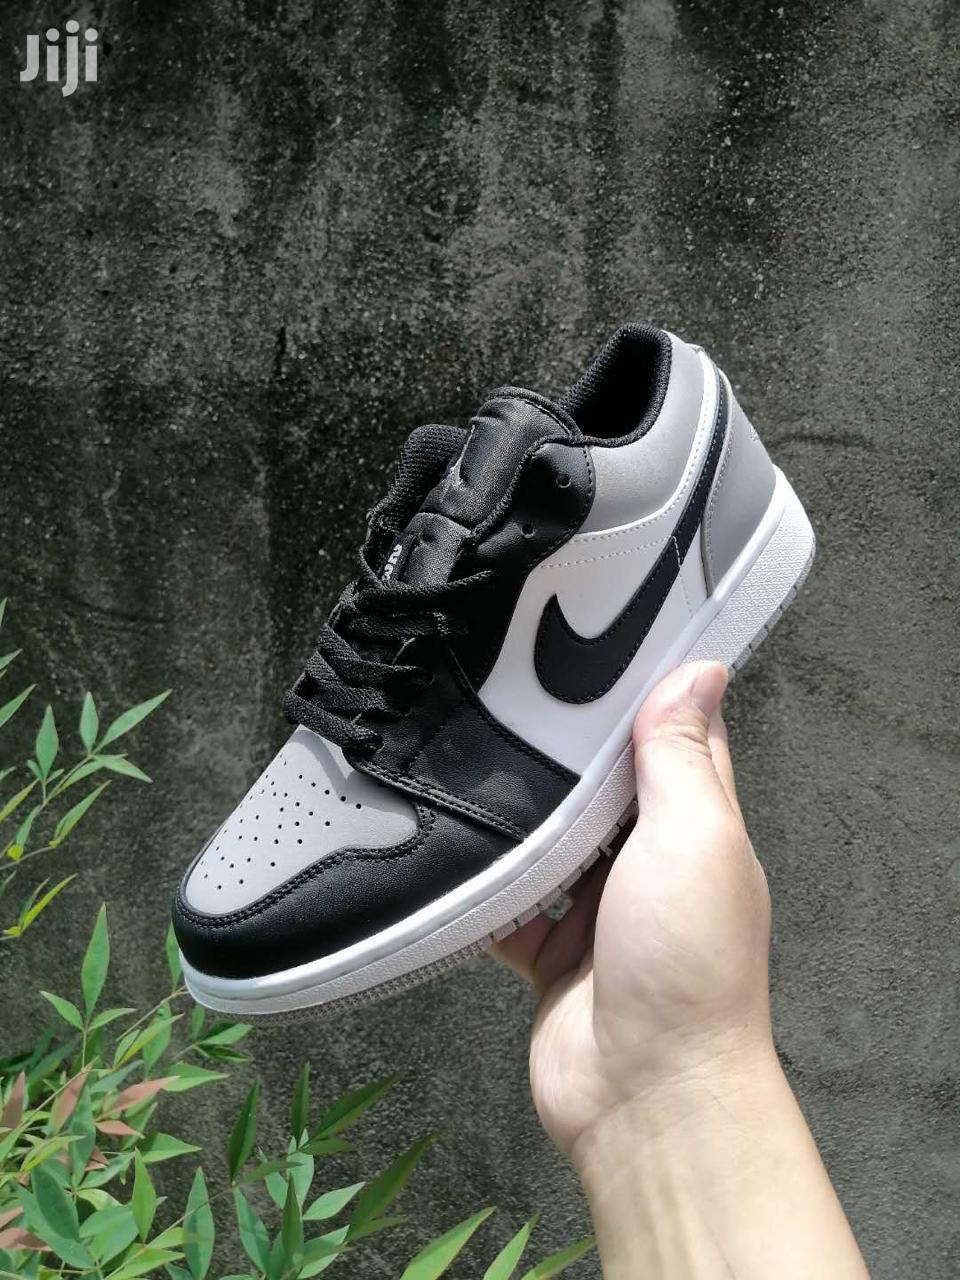 jordan sneakers low cut